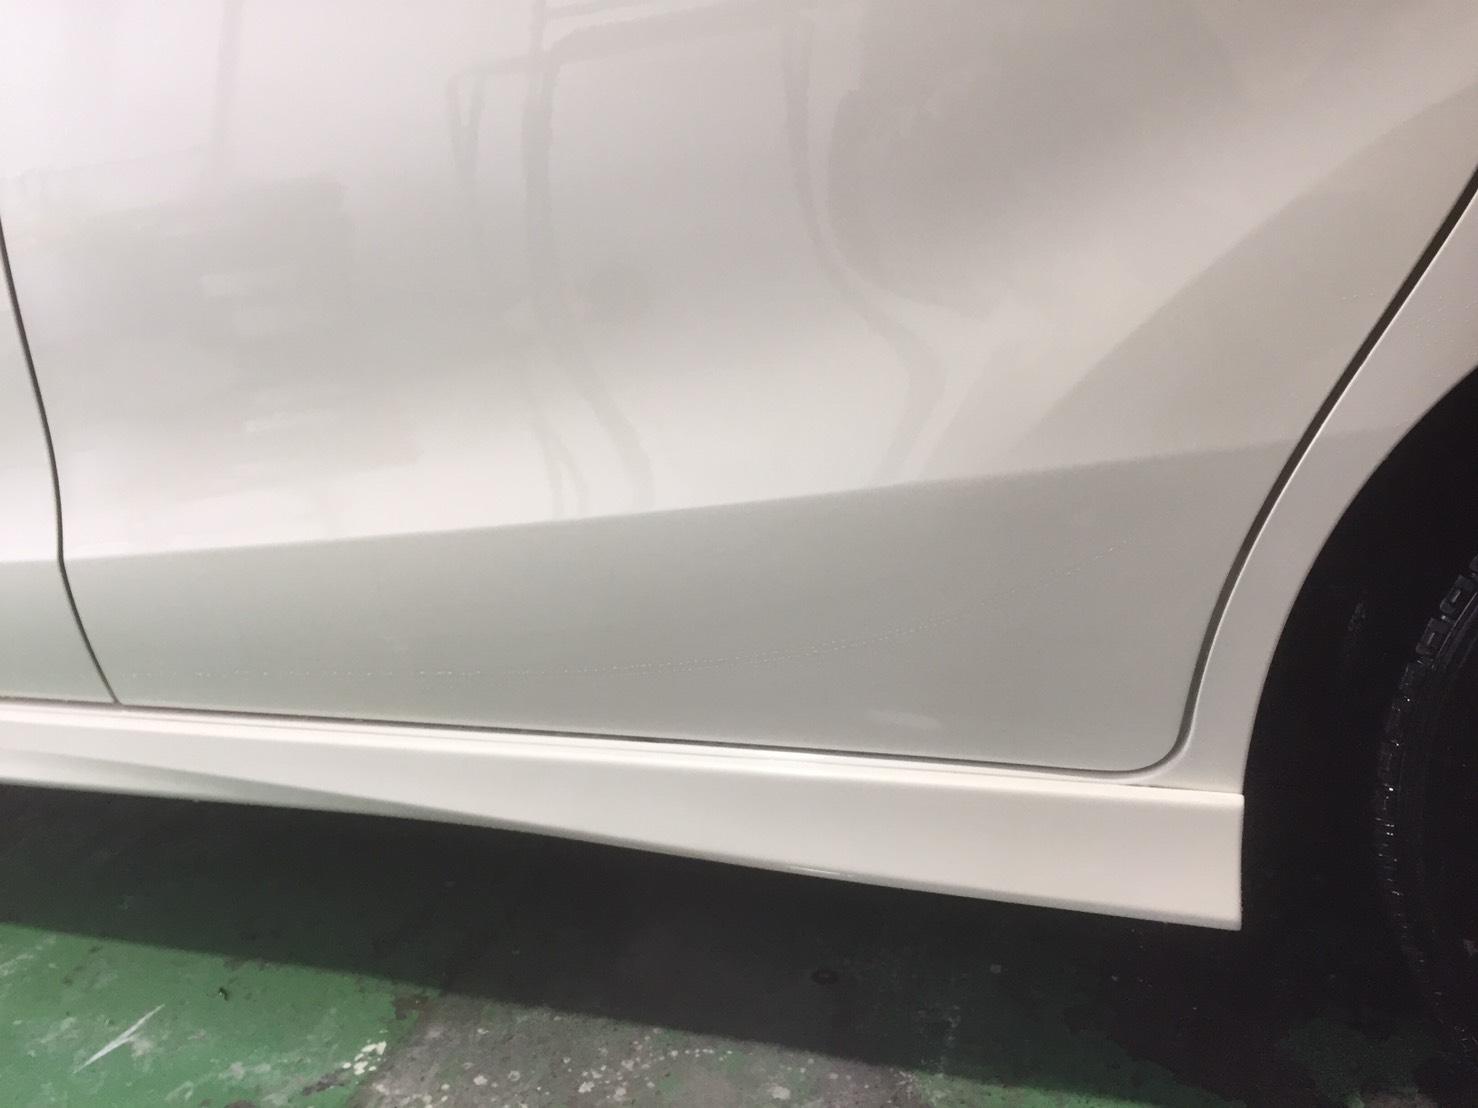 18年式  ステップワゴン 宇治市  男性 左スライドドア 左ステップ修理